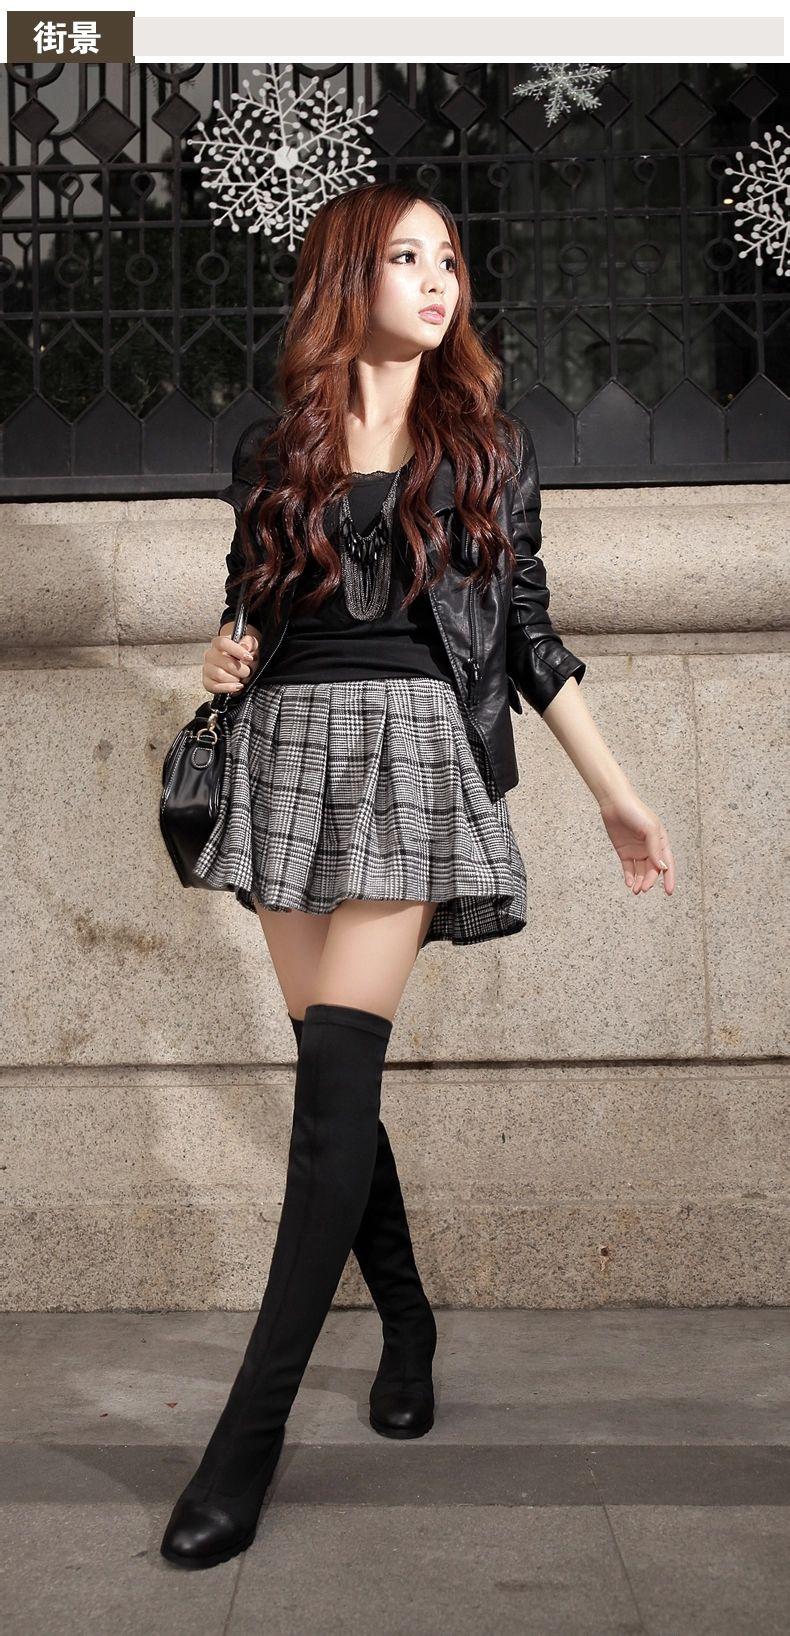 160cm女生穿长靴怎么搭配衣服好看图片图片